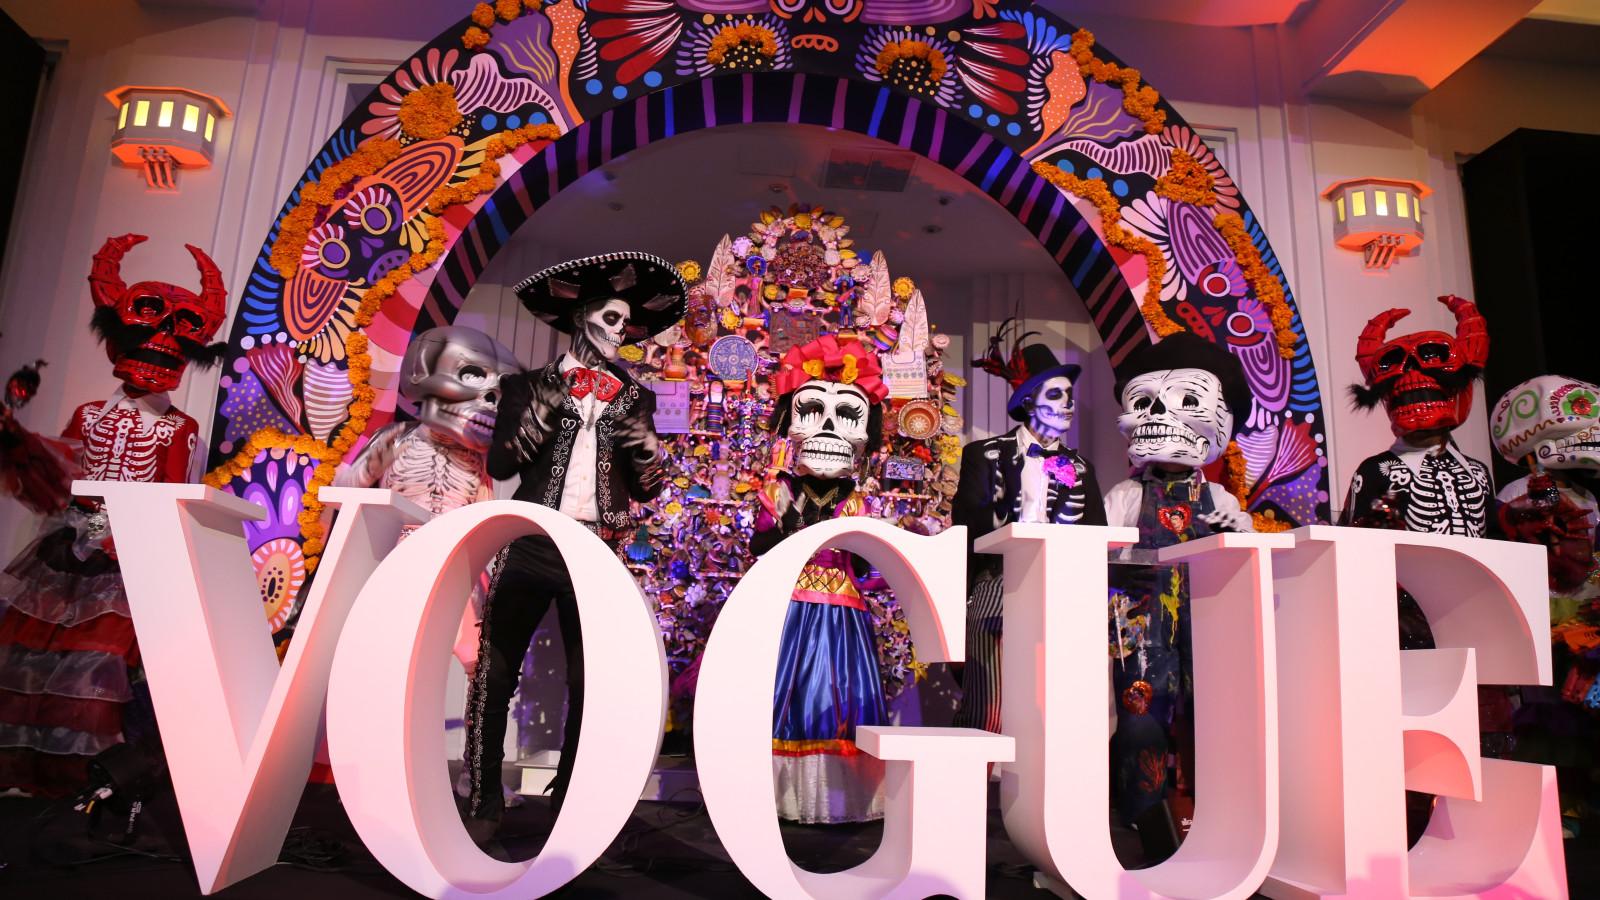 IMG 5589 - Enrique SanchezArmas (1) - Mexico - Vogue Day of the Dead